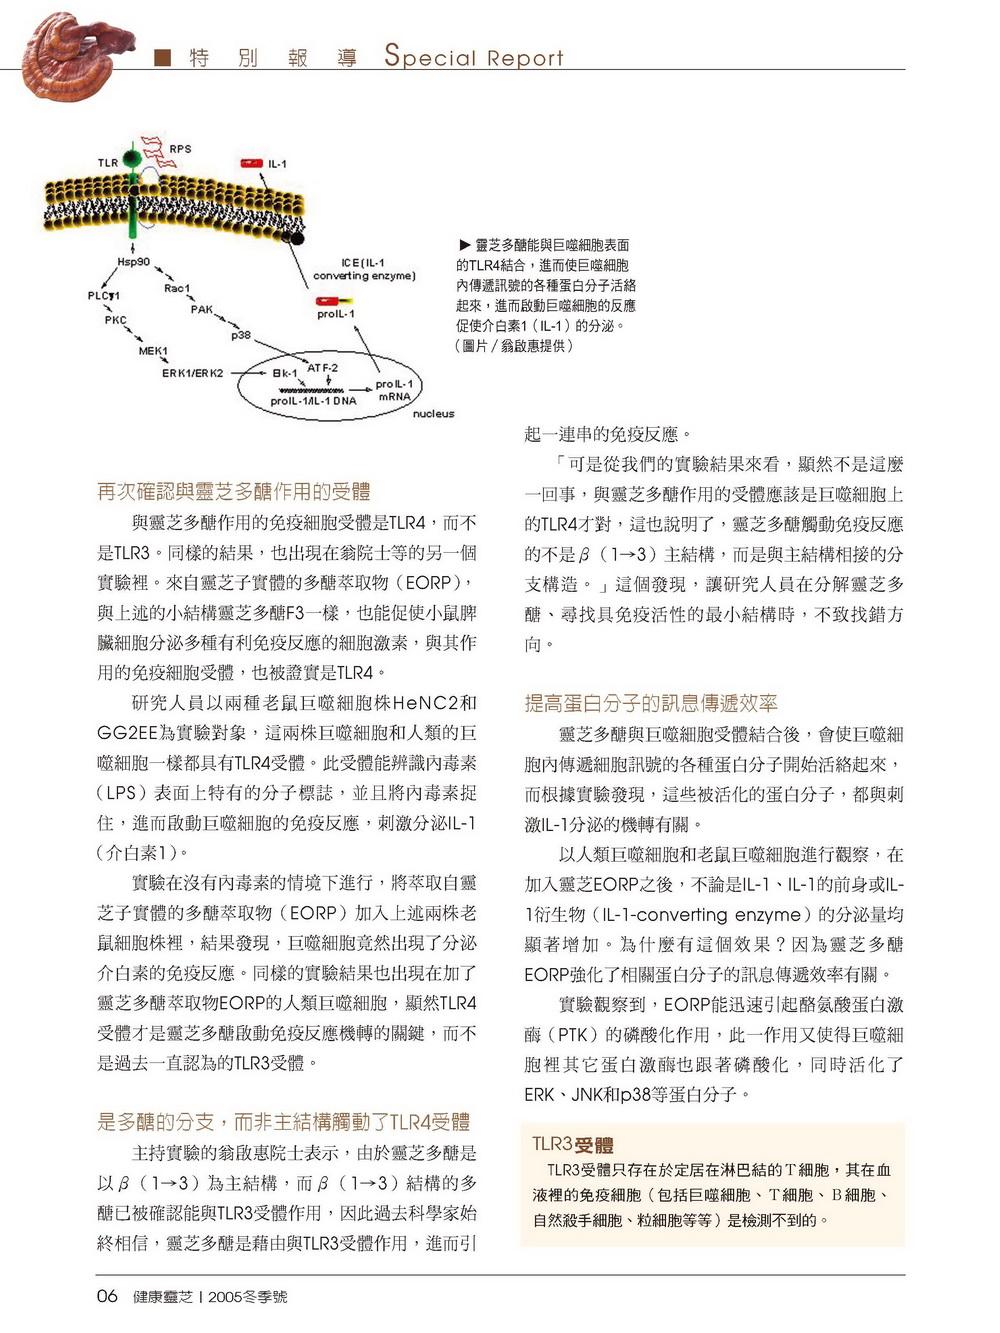 中華民國微生物文教基金會 add:台北市104南京東路三